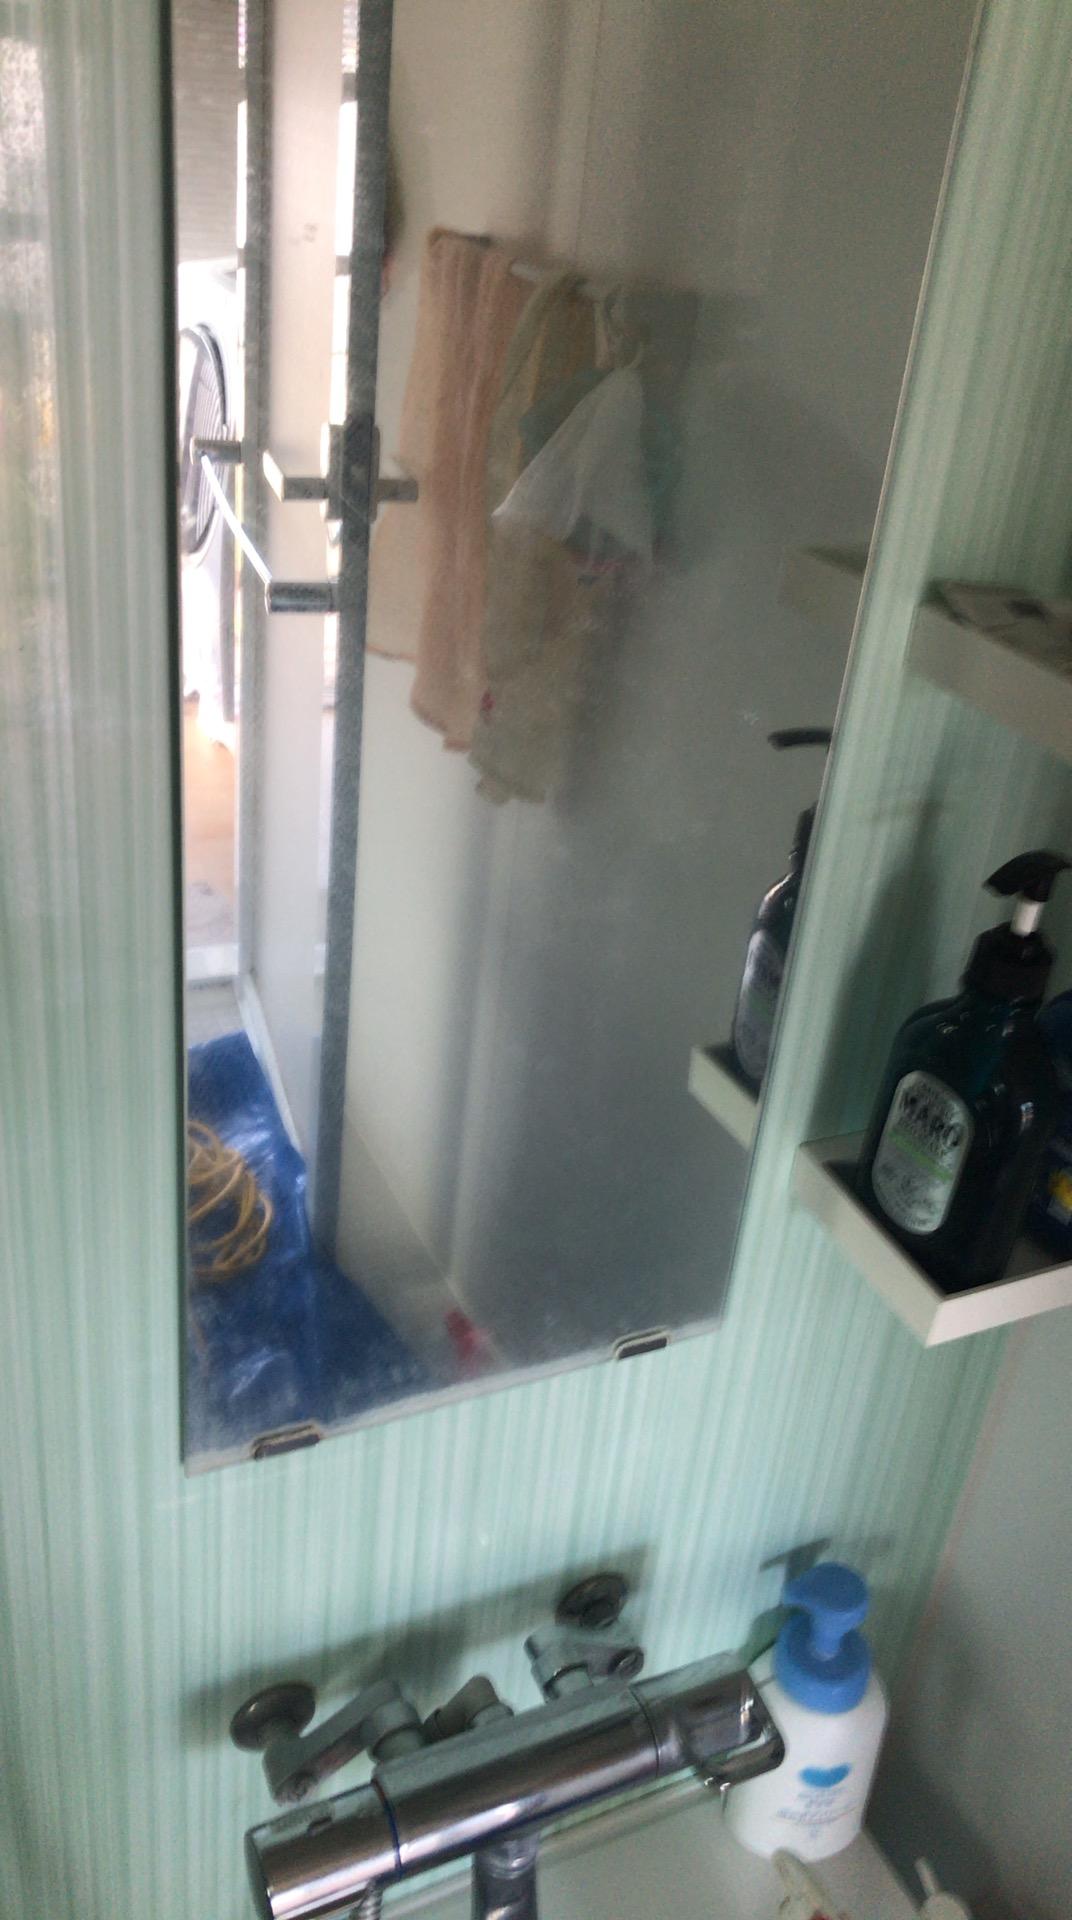 年末大掃除に大人気!白く曇った鏡の「うろこ落とし」